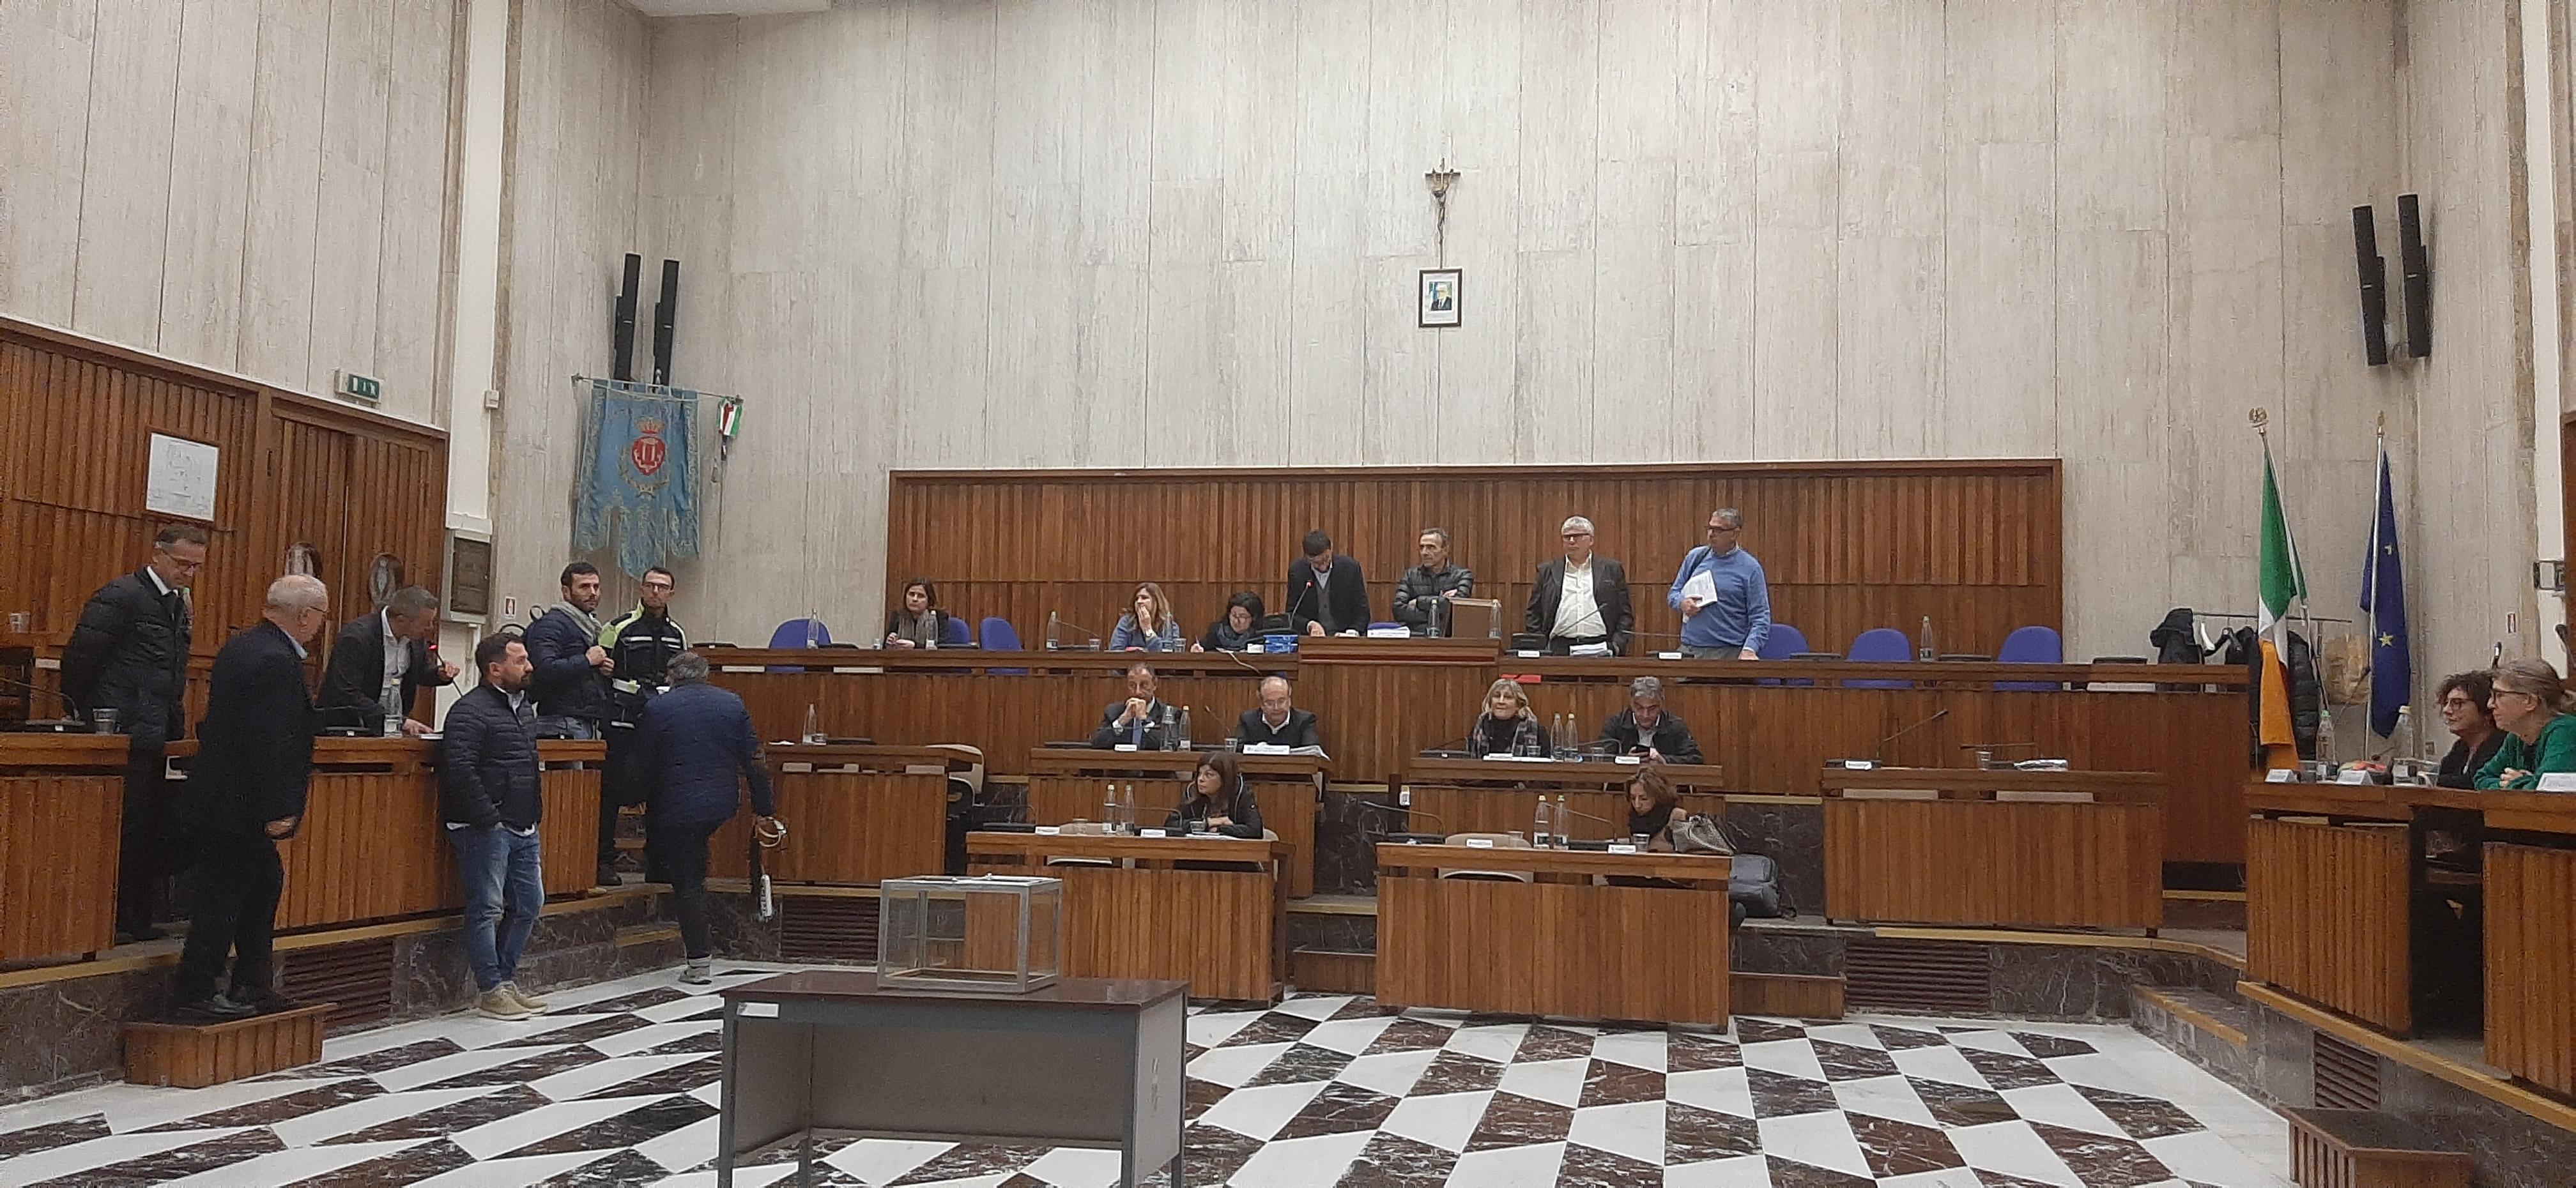 Approvata la delibera sulla New Arena con 21 favorevoli e 1 contrario, ma Oggiano depositerà le sue osservazioni alla Corte dei Conti